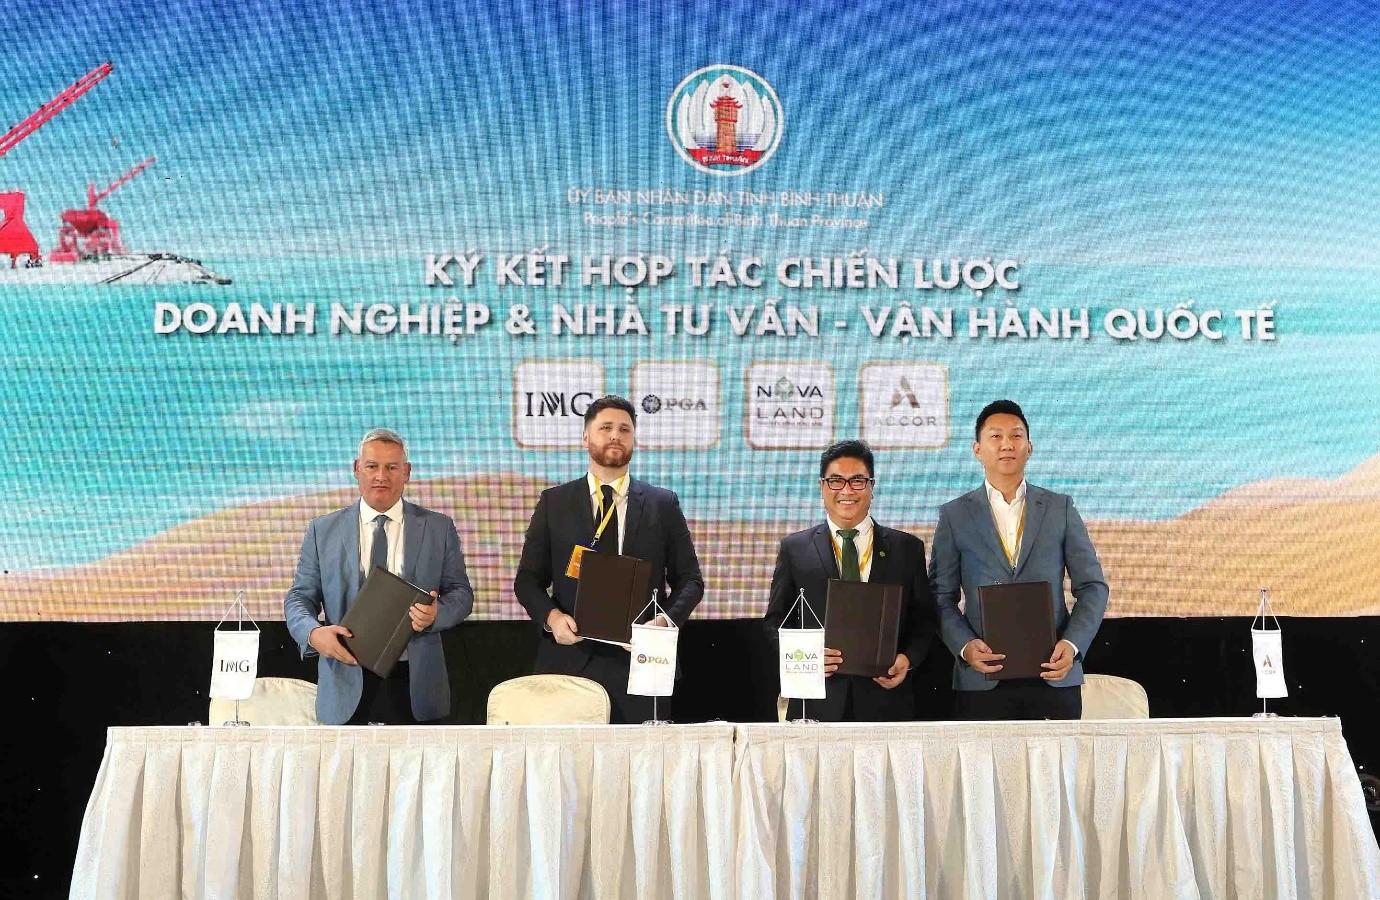 Novaland ký kết hợp tác cùng PGA và IMG tại Hội nghị xúc tiến đầu tư tỉnh Bình Thuận tháng 9/2019. Ảnh: Novaland.